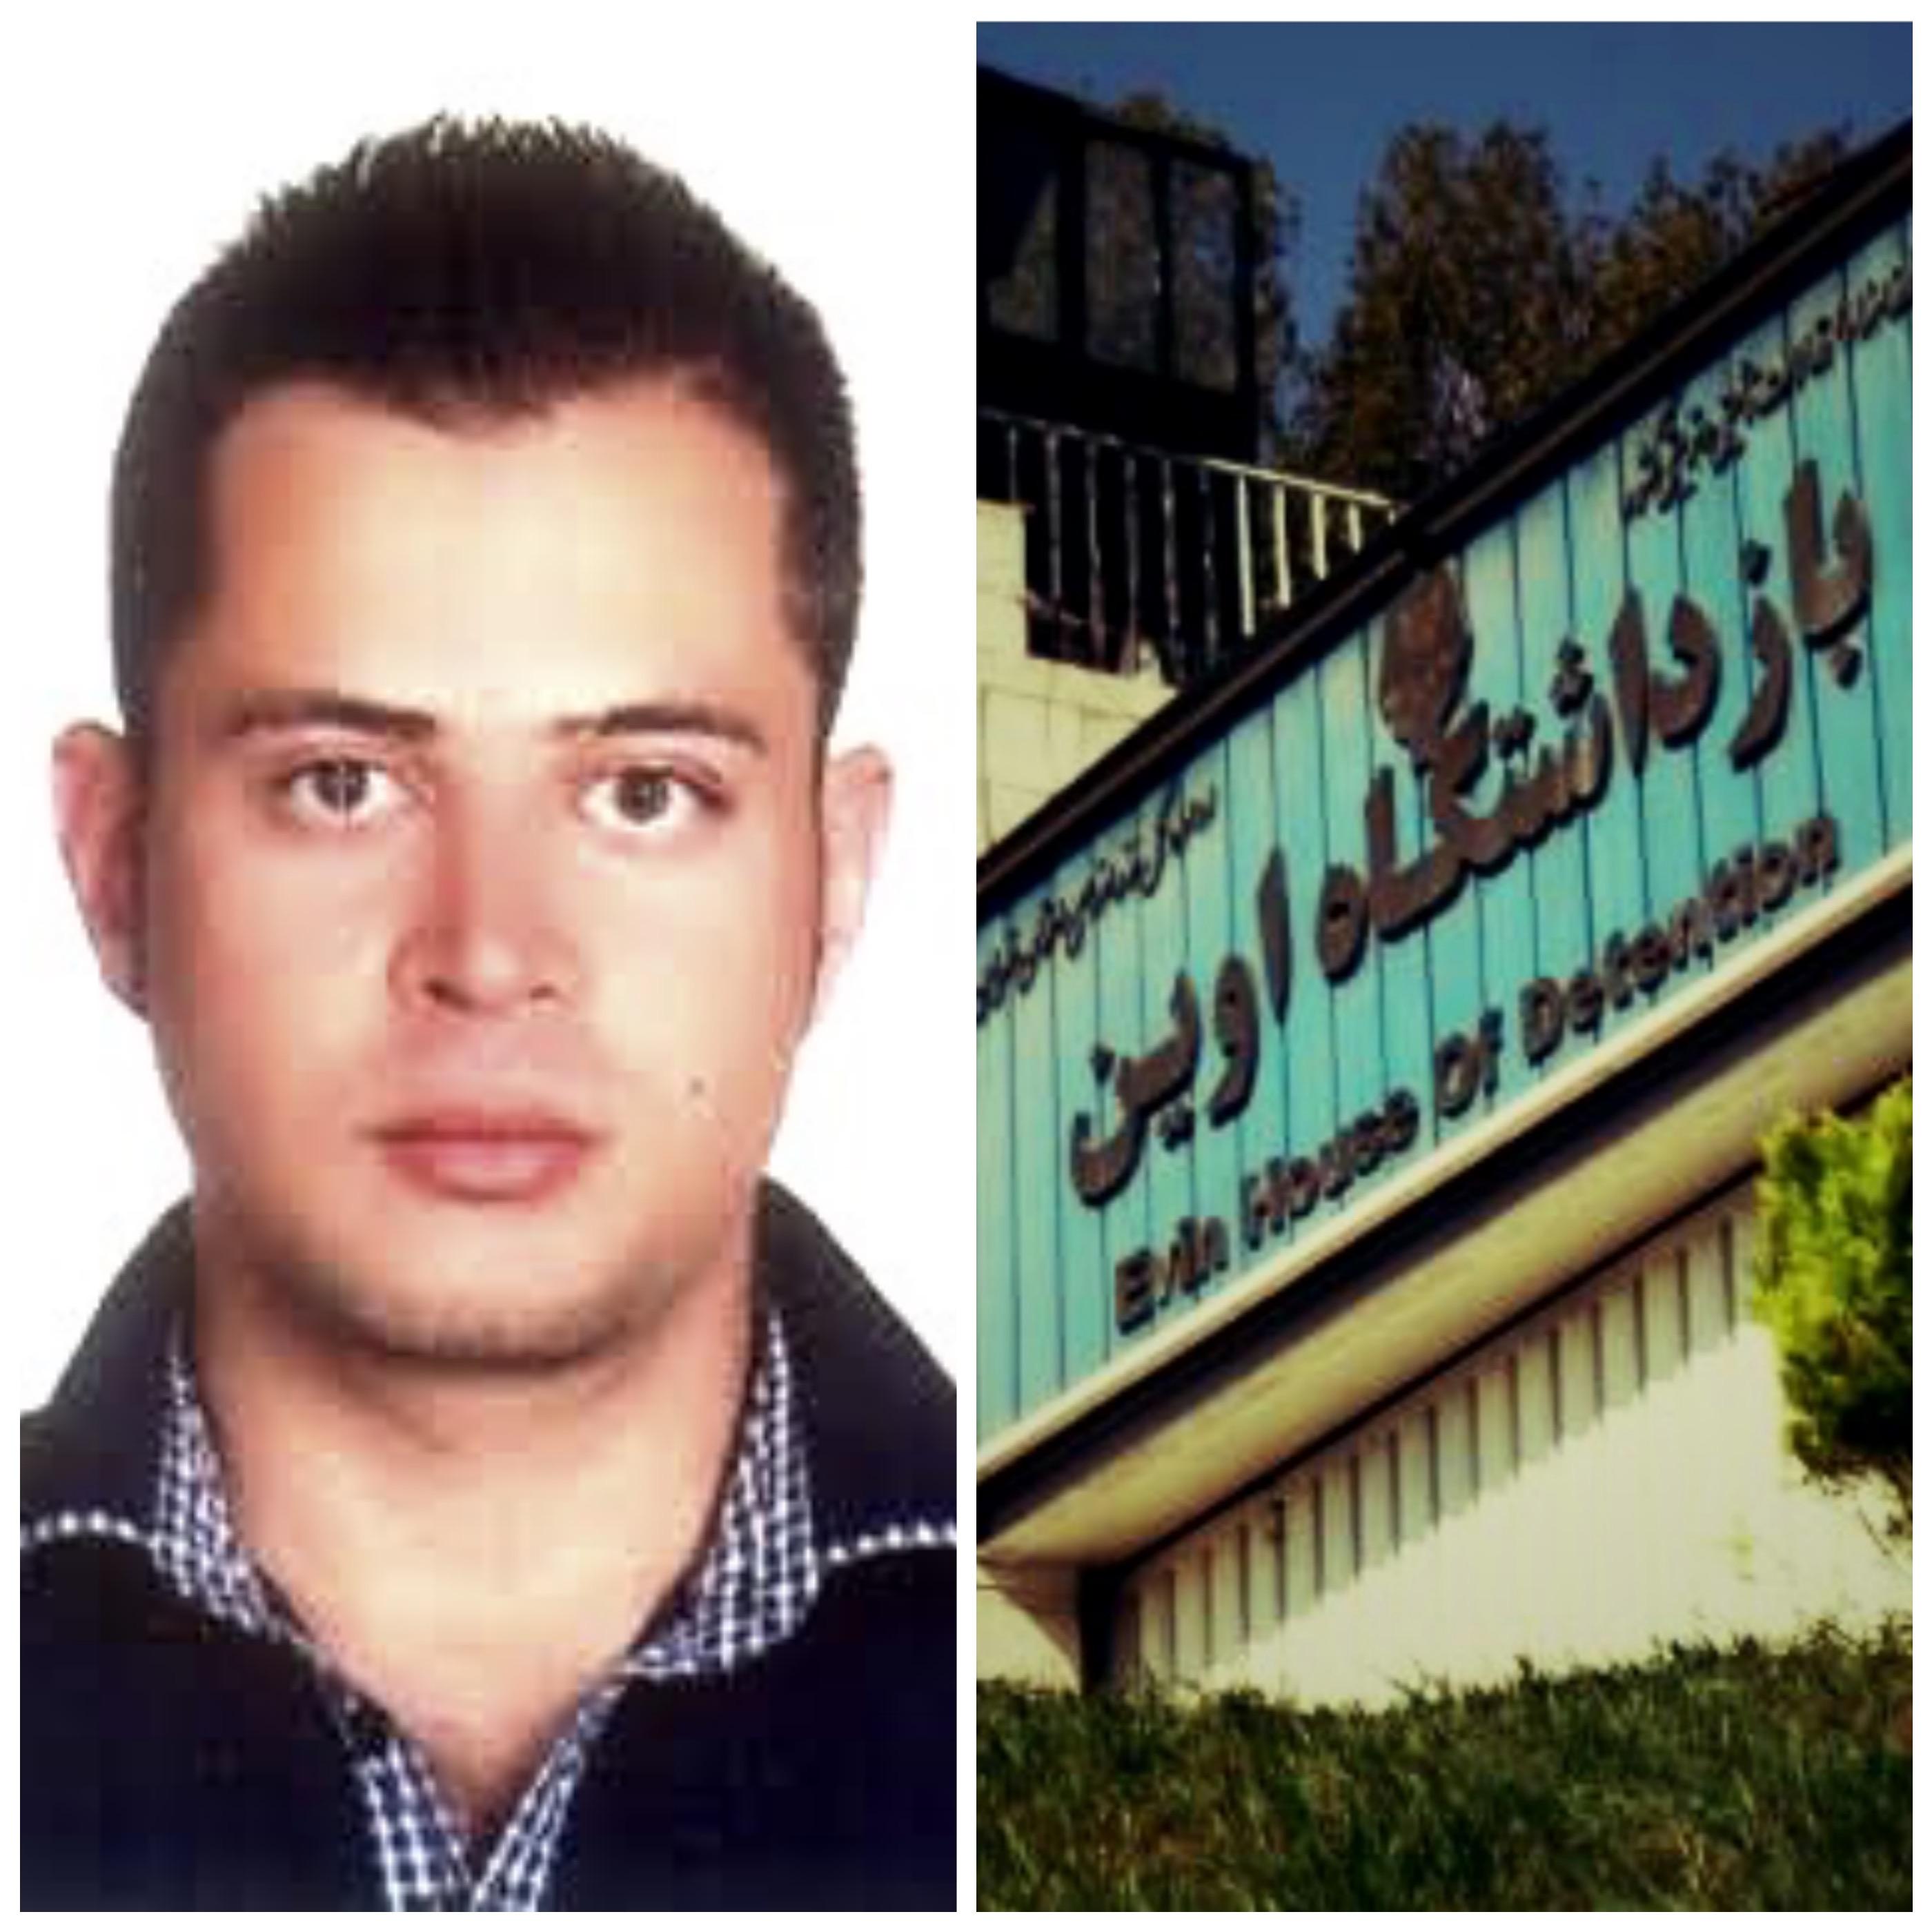 محمد شجاعی؛ محکومیت به پنج سال حبس (به روز رسانی شده)